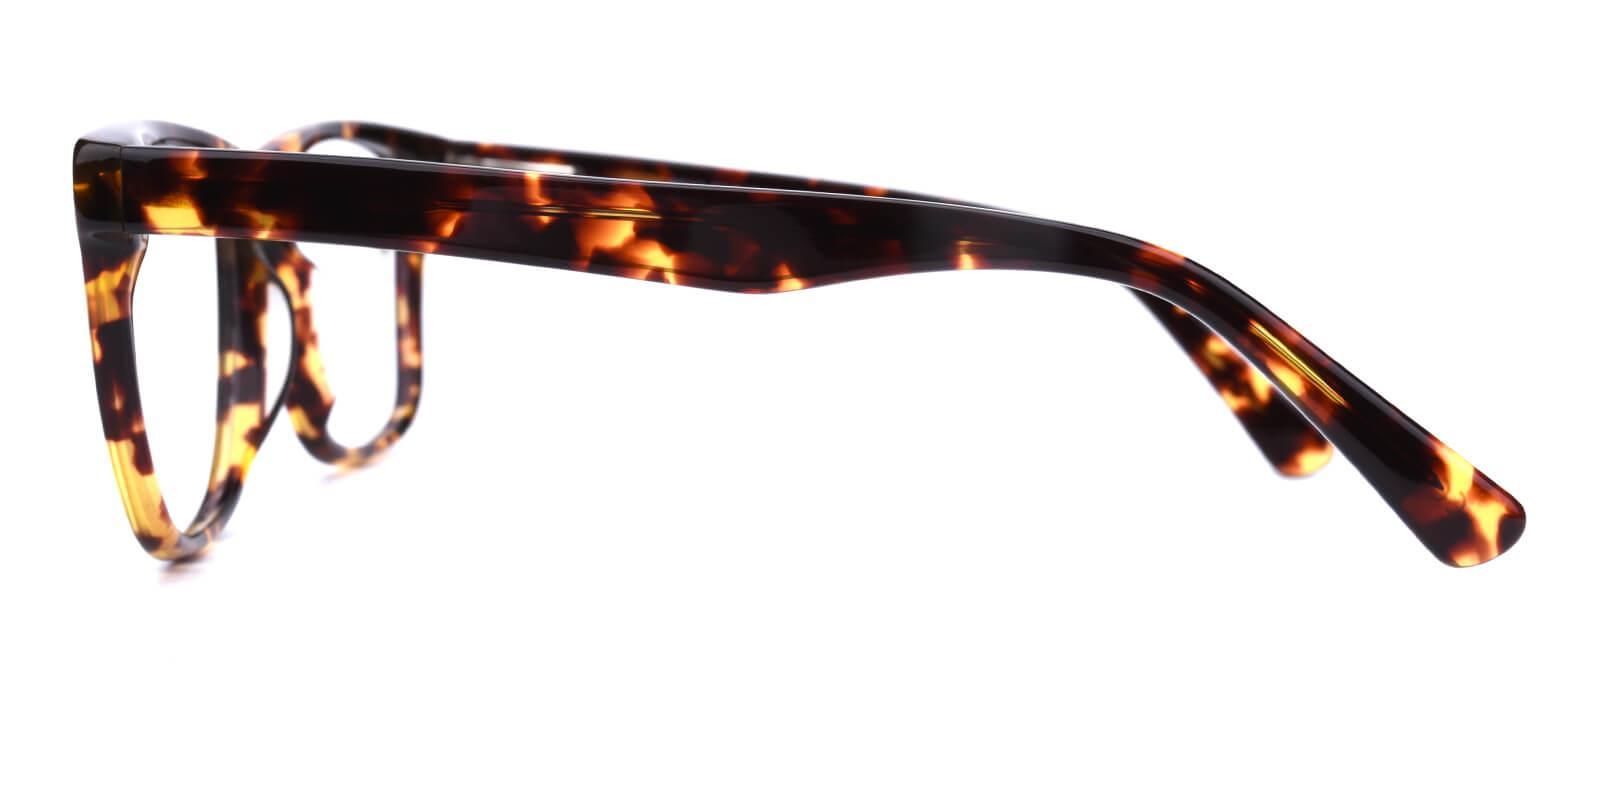 Bridinry-Tortoise-Square-Acetate-Eyeglasses-additional3